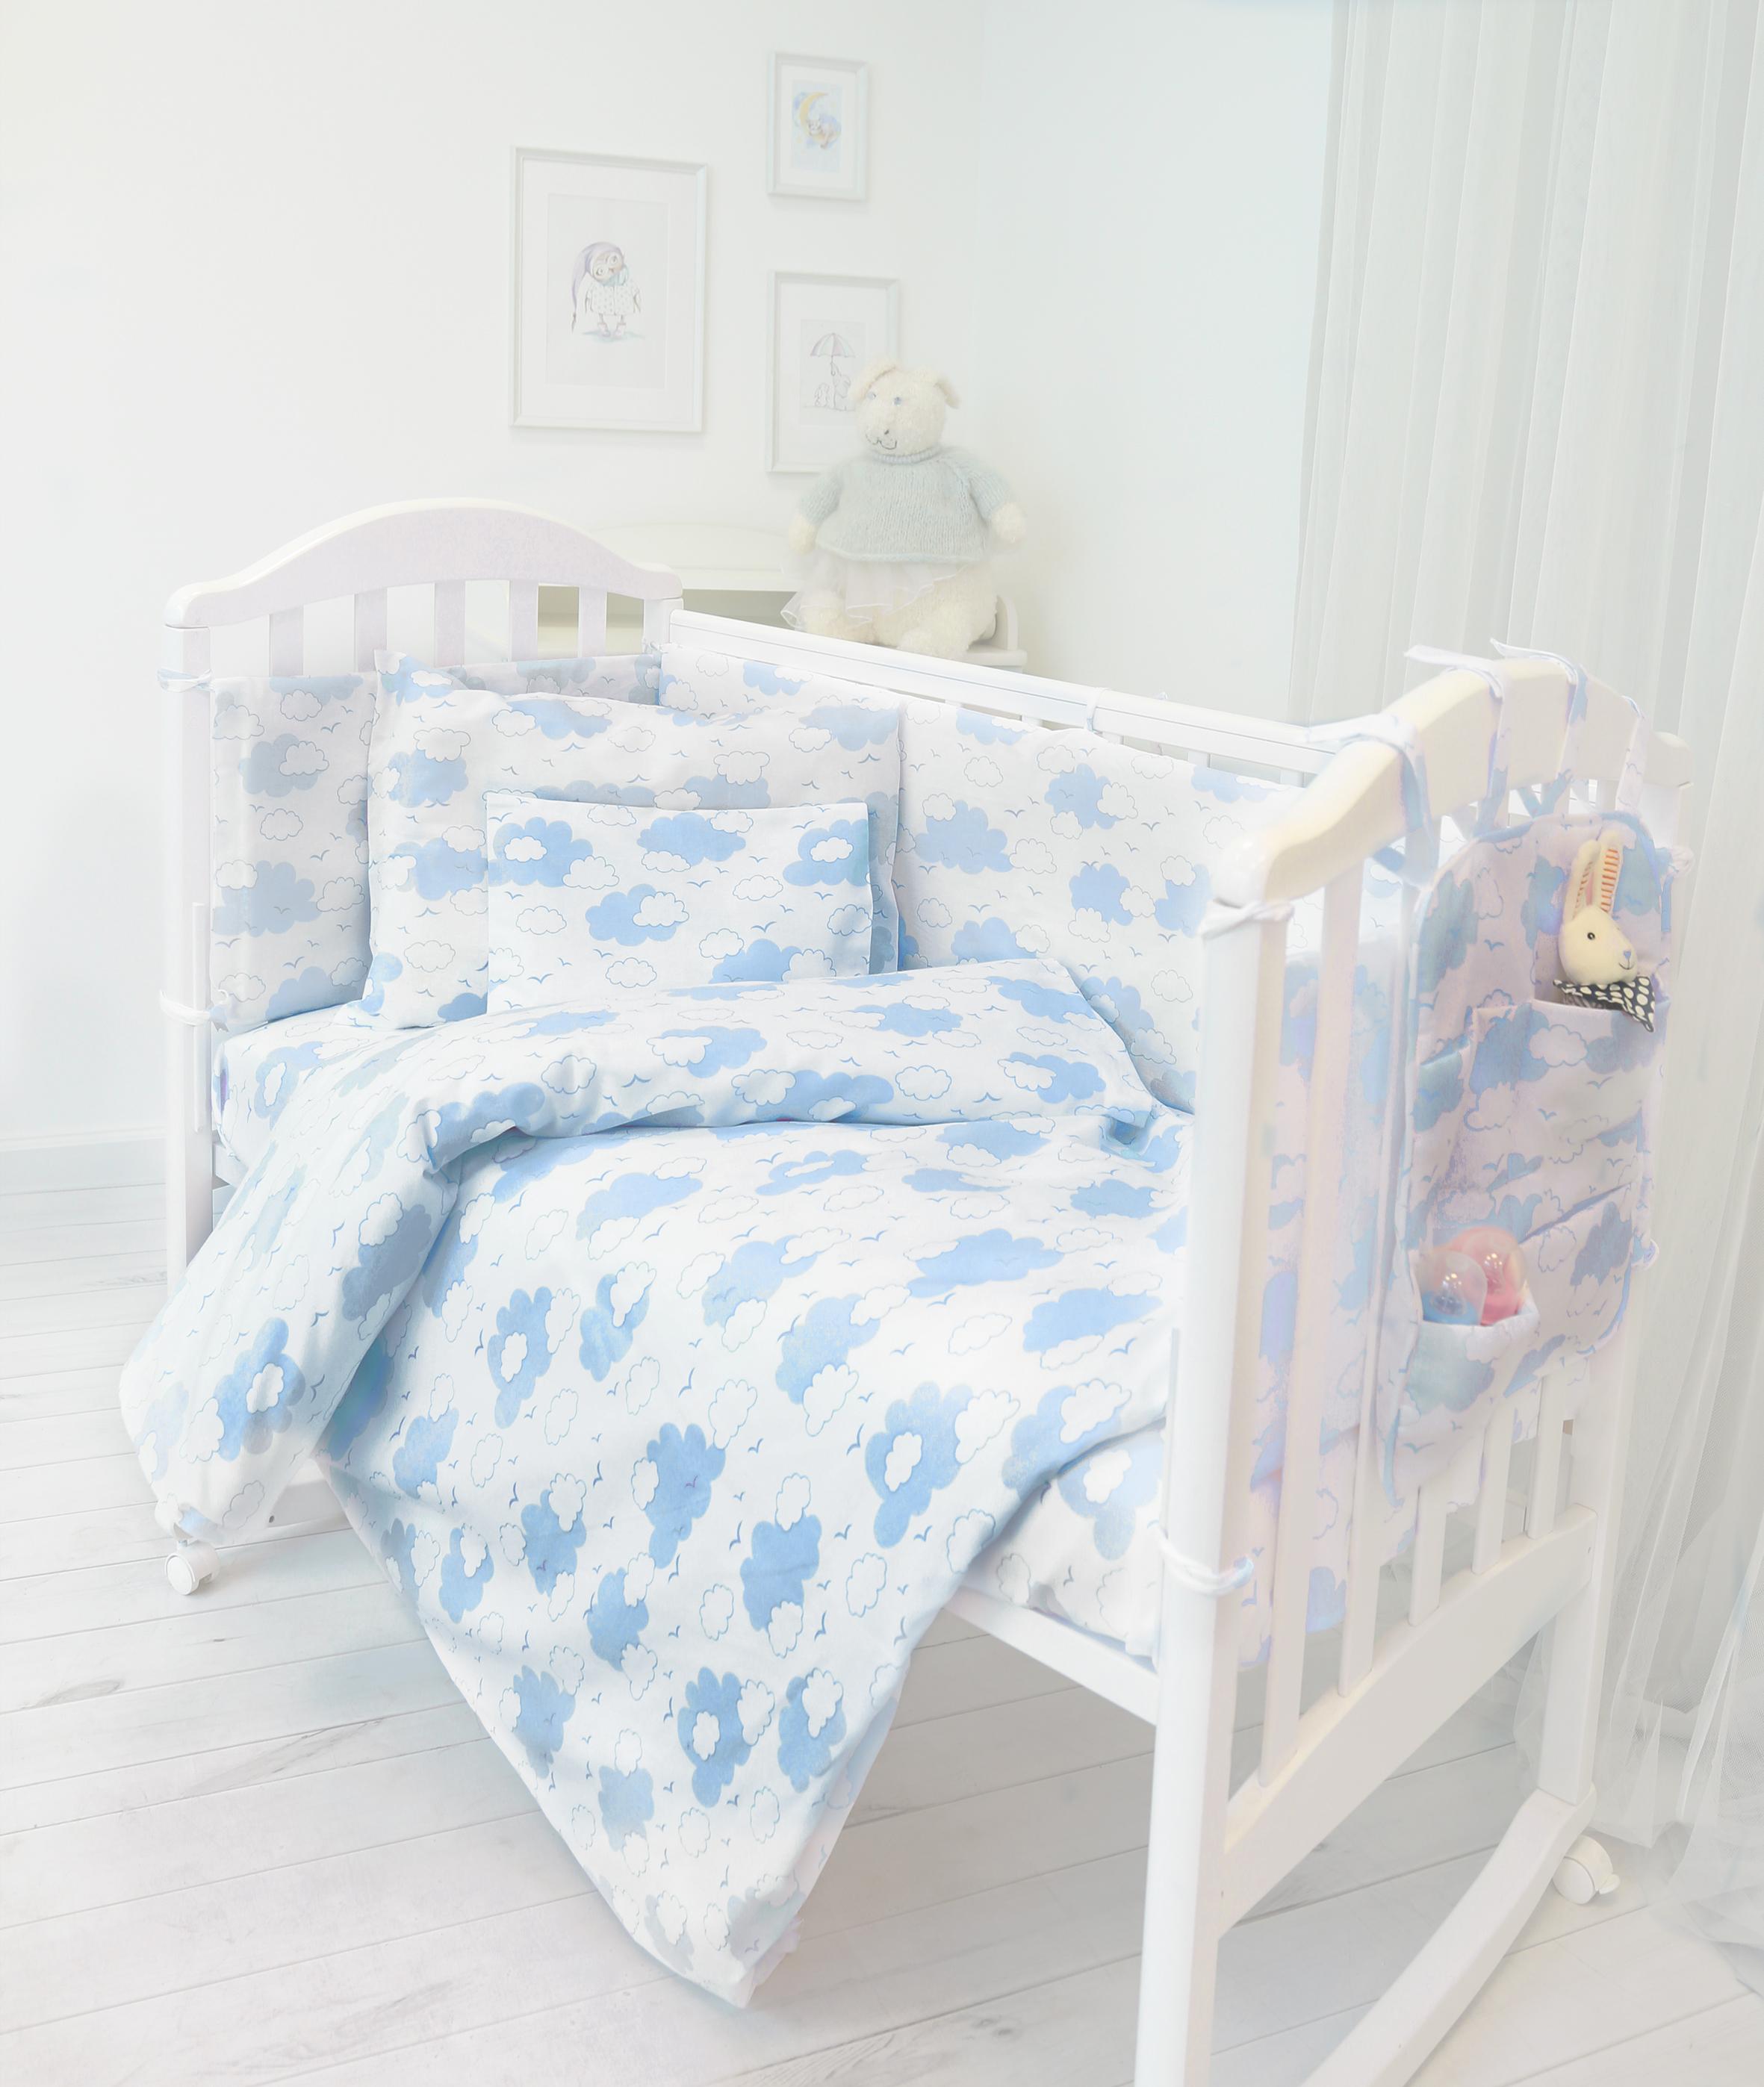 Споки Ноки Комплект в кроватку Облака цвет голубой 9 предметов цена